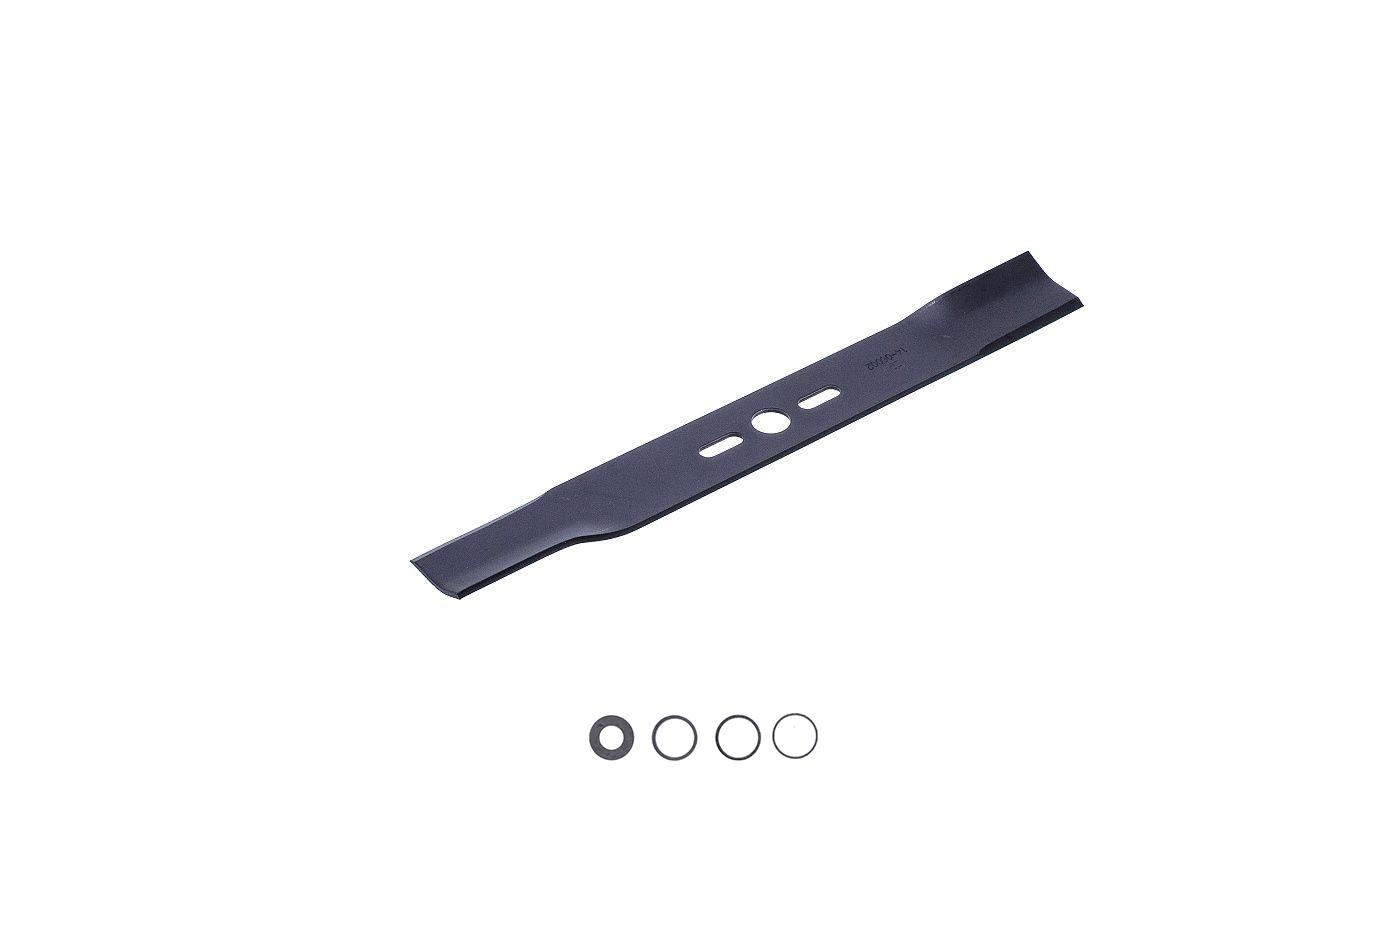 Nôž univerzalny žací 16 cali 40,6cm